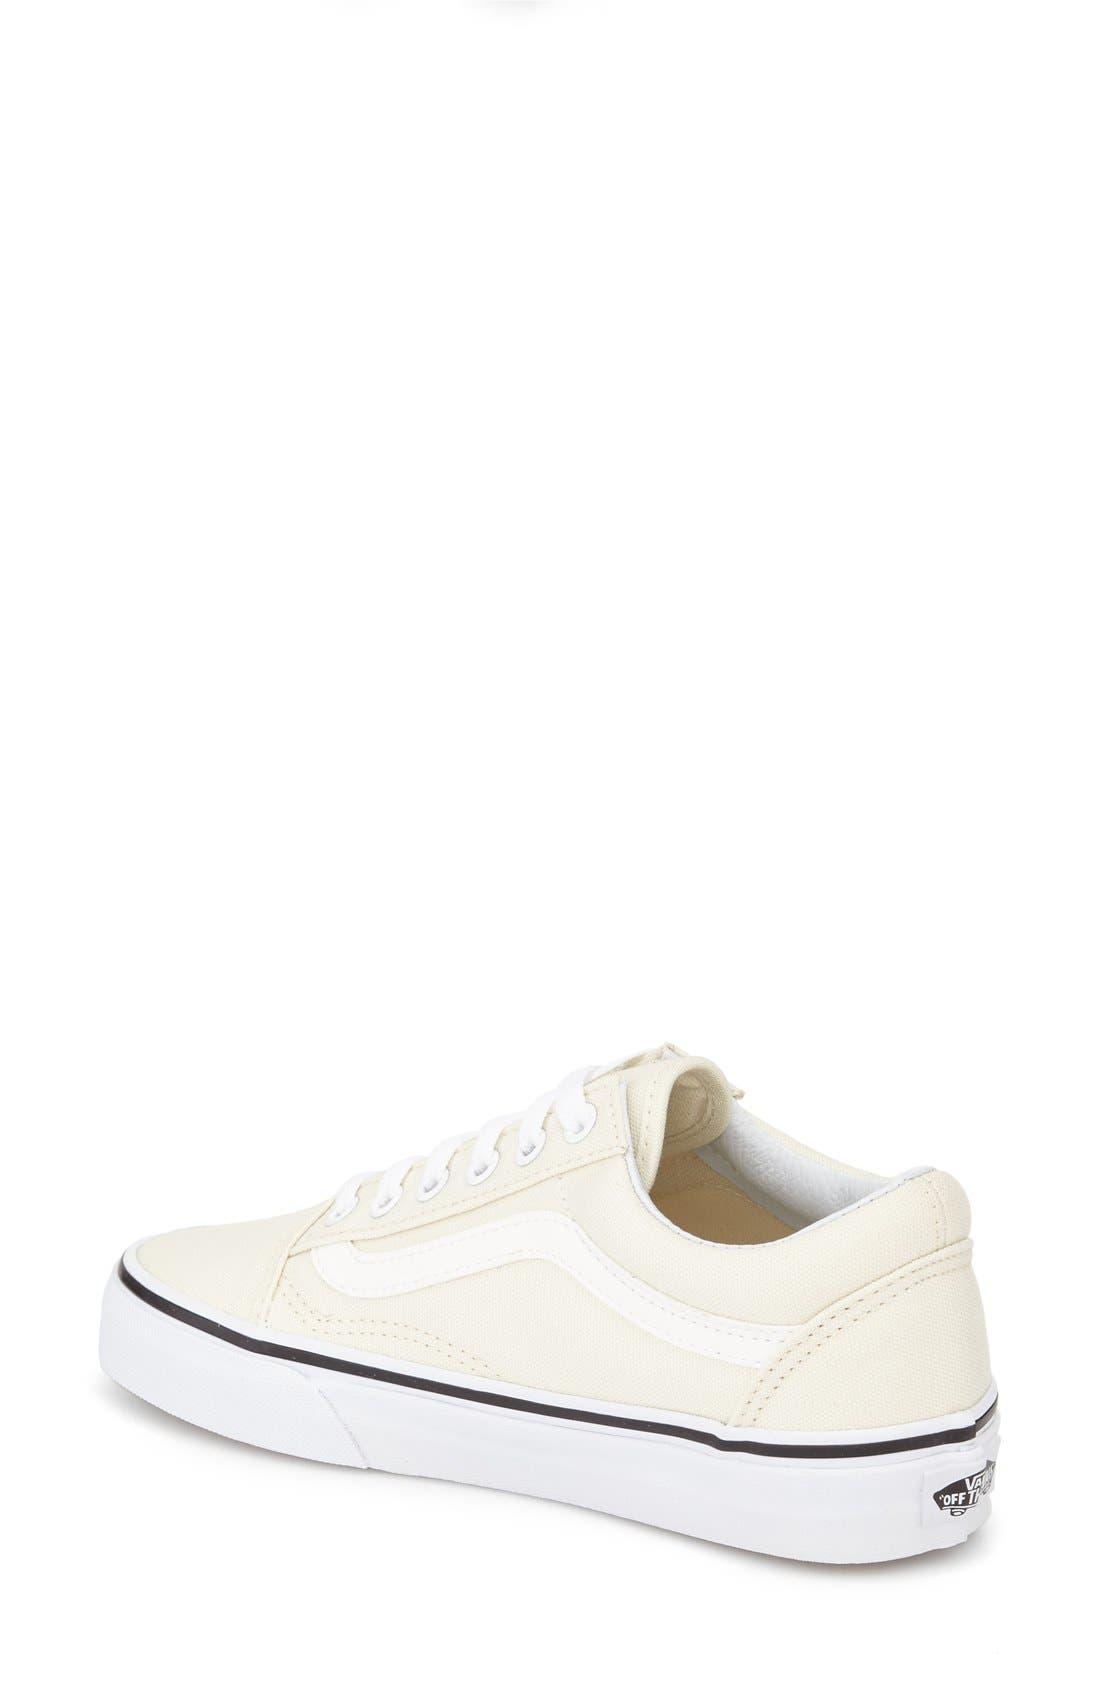 Alternate Image 2  - Vans 'Old Skool' Sneaker (Women)